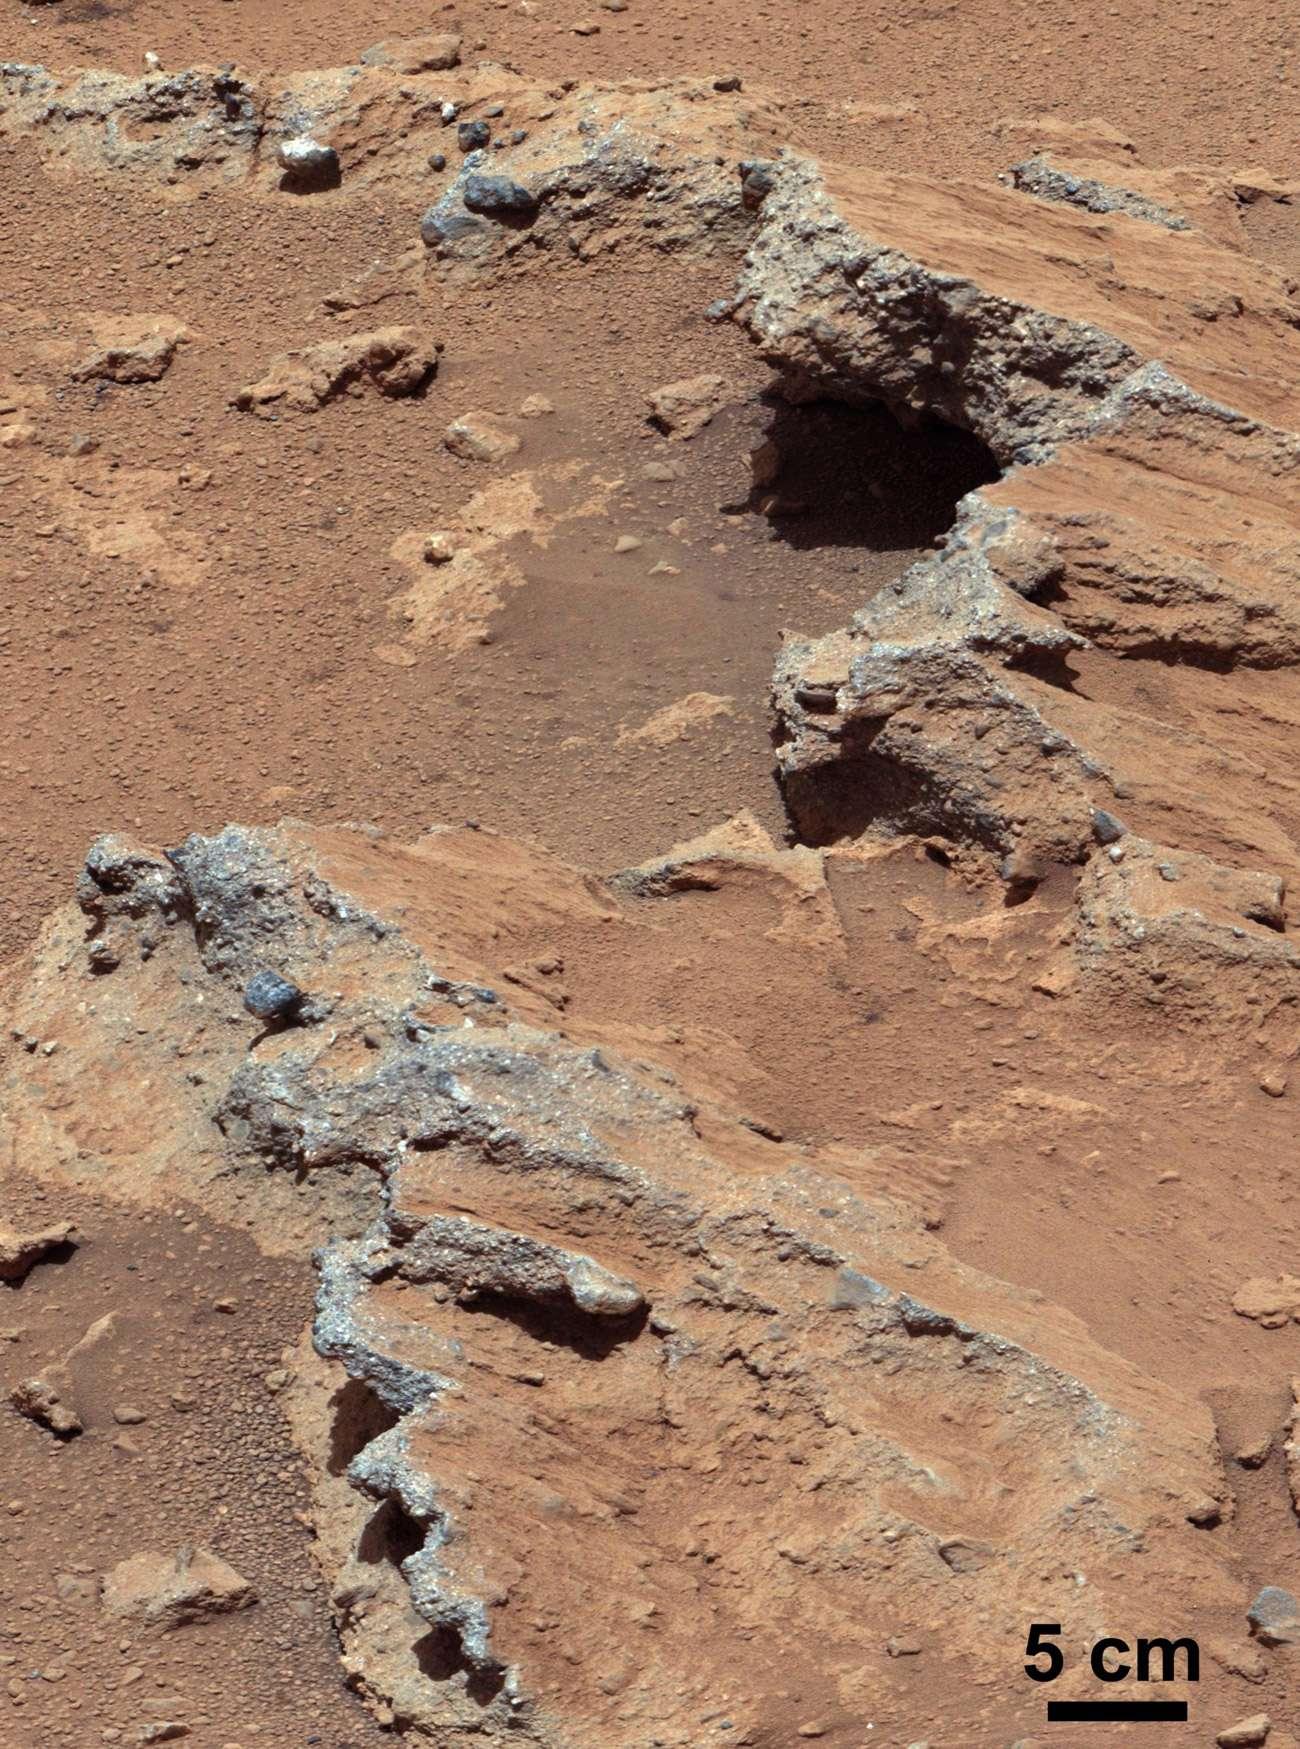 Des observations et une analyse chimique poussées ont donné la certitude aux scientifiques que l'image montre une partie d'un ancien lit de rivière, aujourd'hui asséché. © Nasa, JPL-Caltech, MSSS